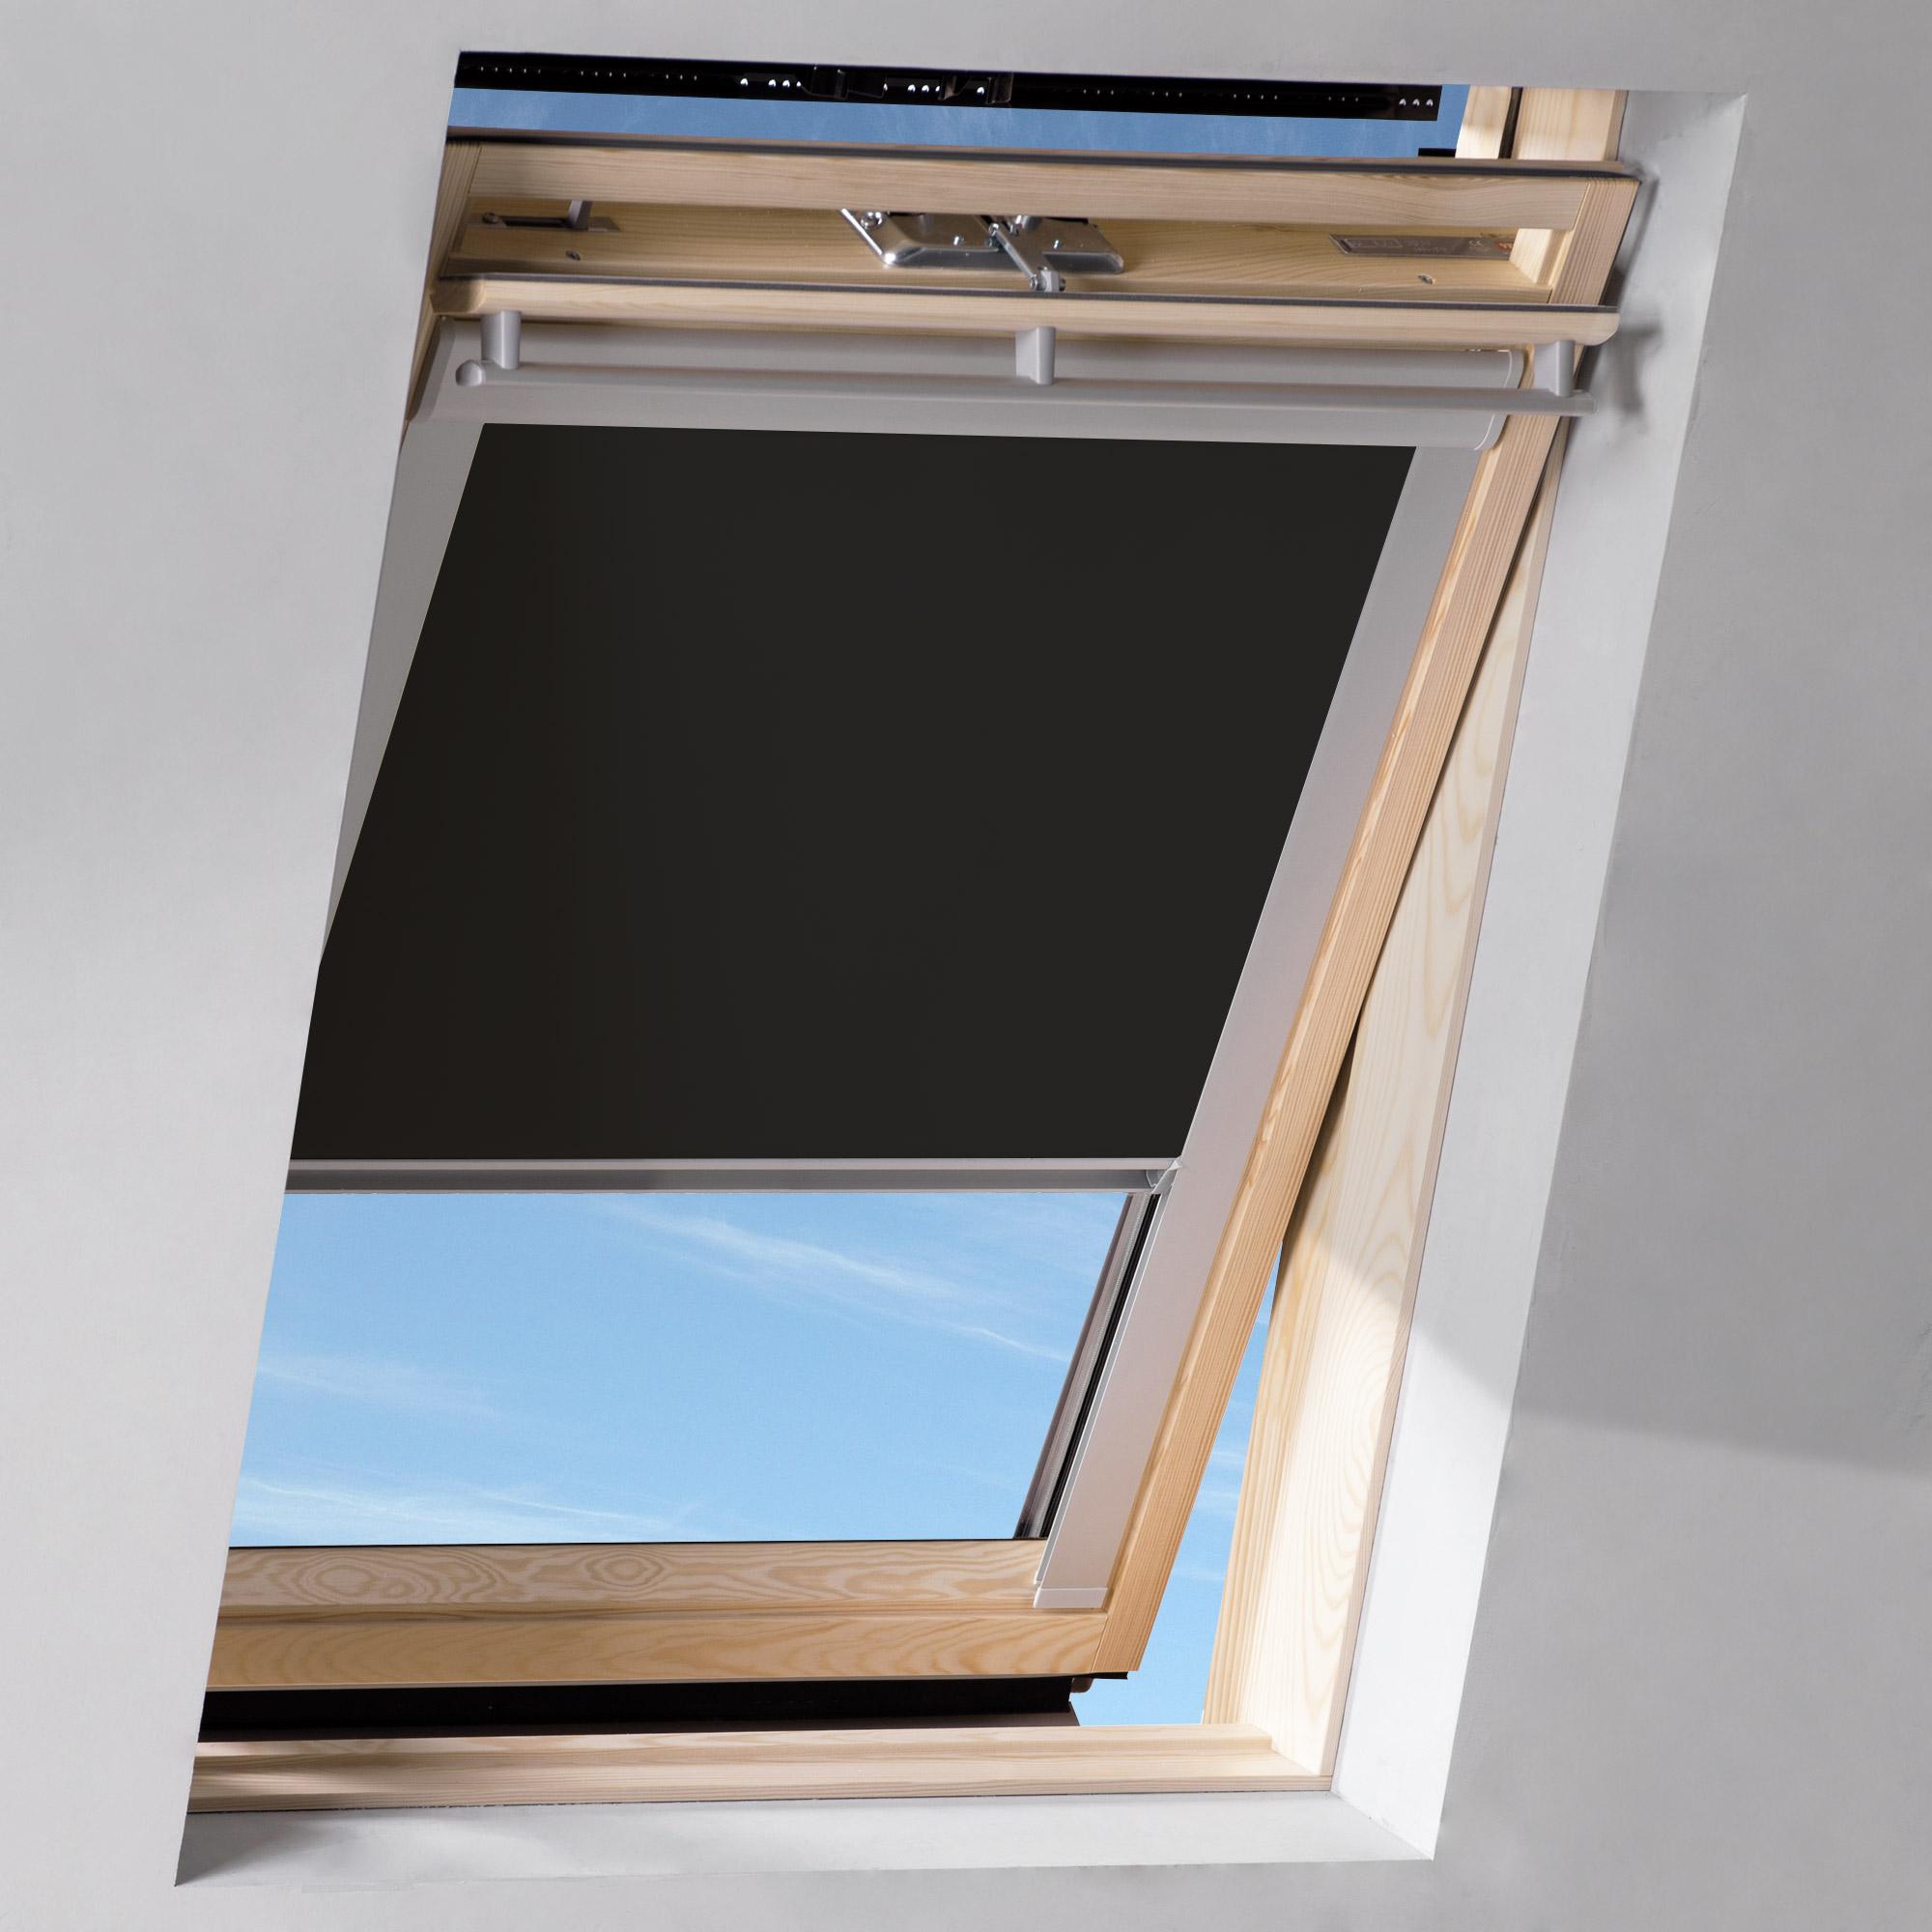 dachfenster rollo schwarz ggl gpl ghl s06 606 4 von sol royal hier kaufen im hussen. Black Bedroom Furniture Sets. Home Design Ideas